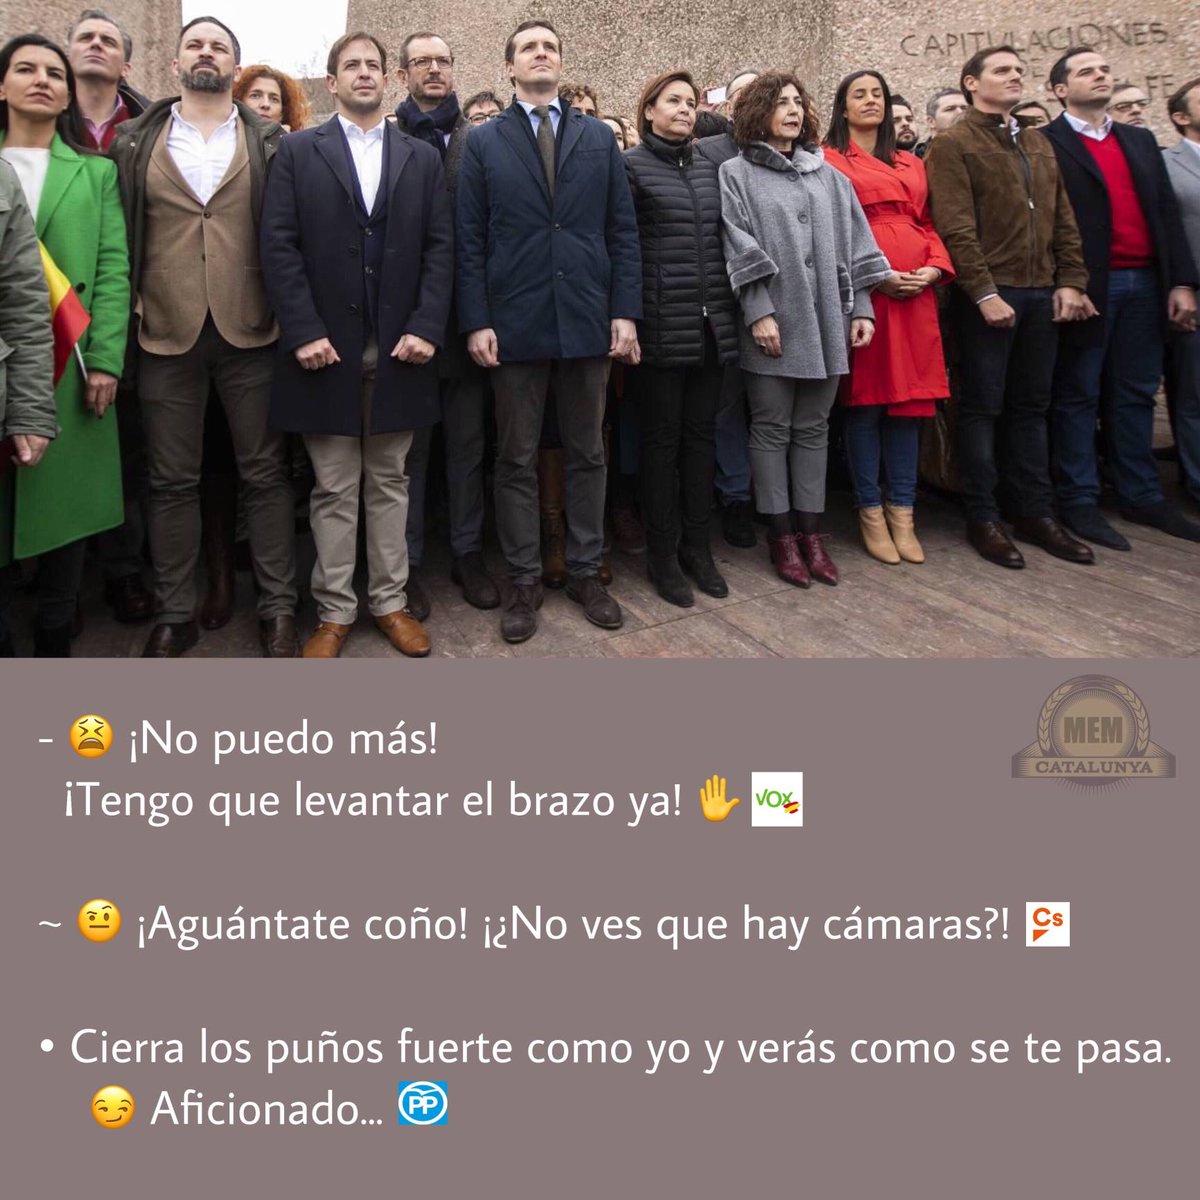 Malvat Escamot Memètic de Catalunya's photo on #ProtestaColónARV